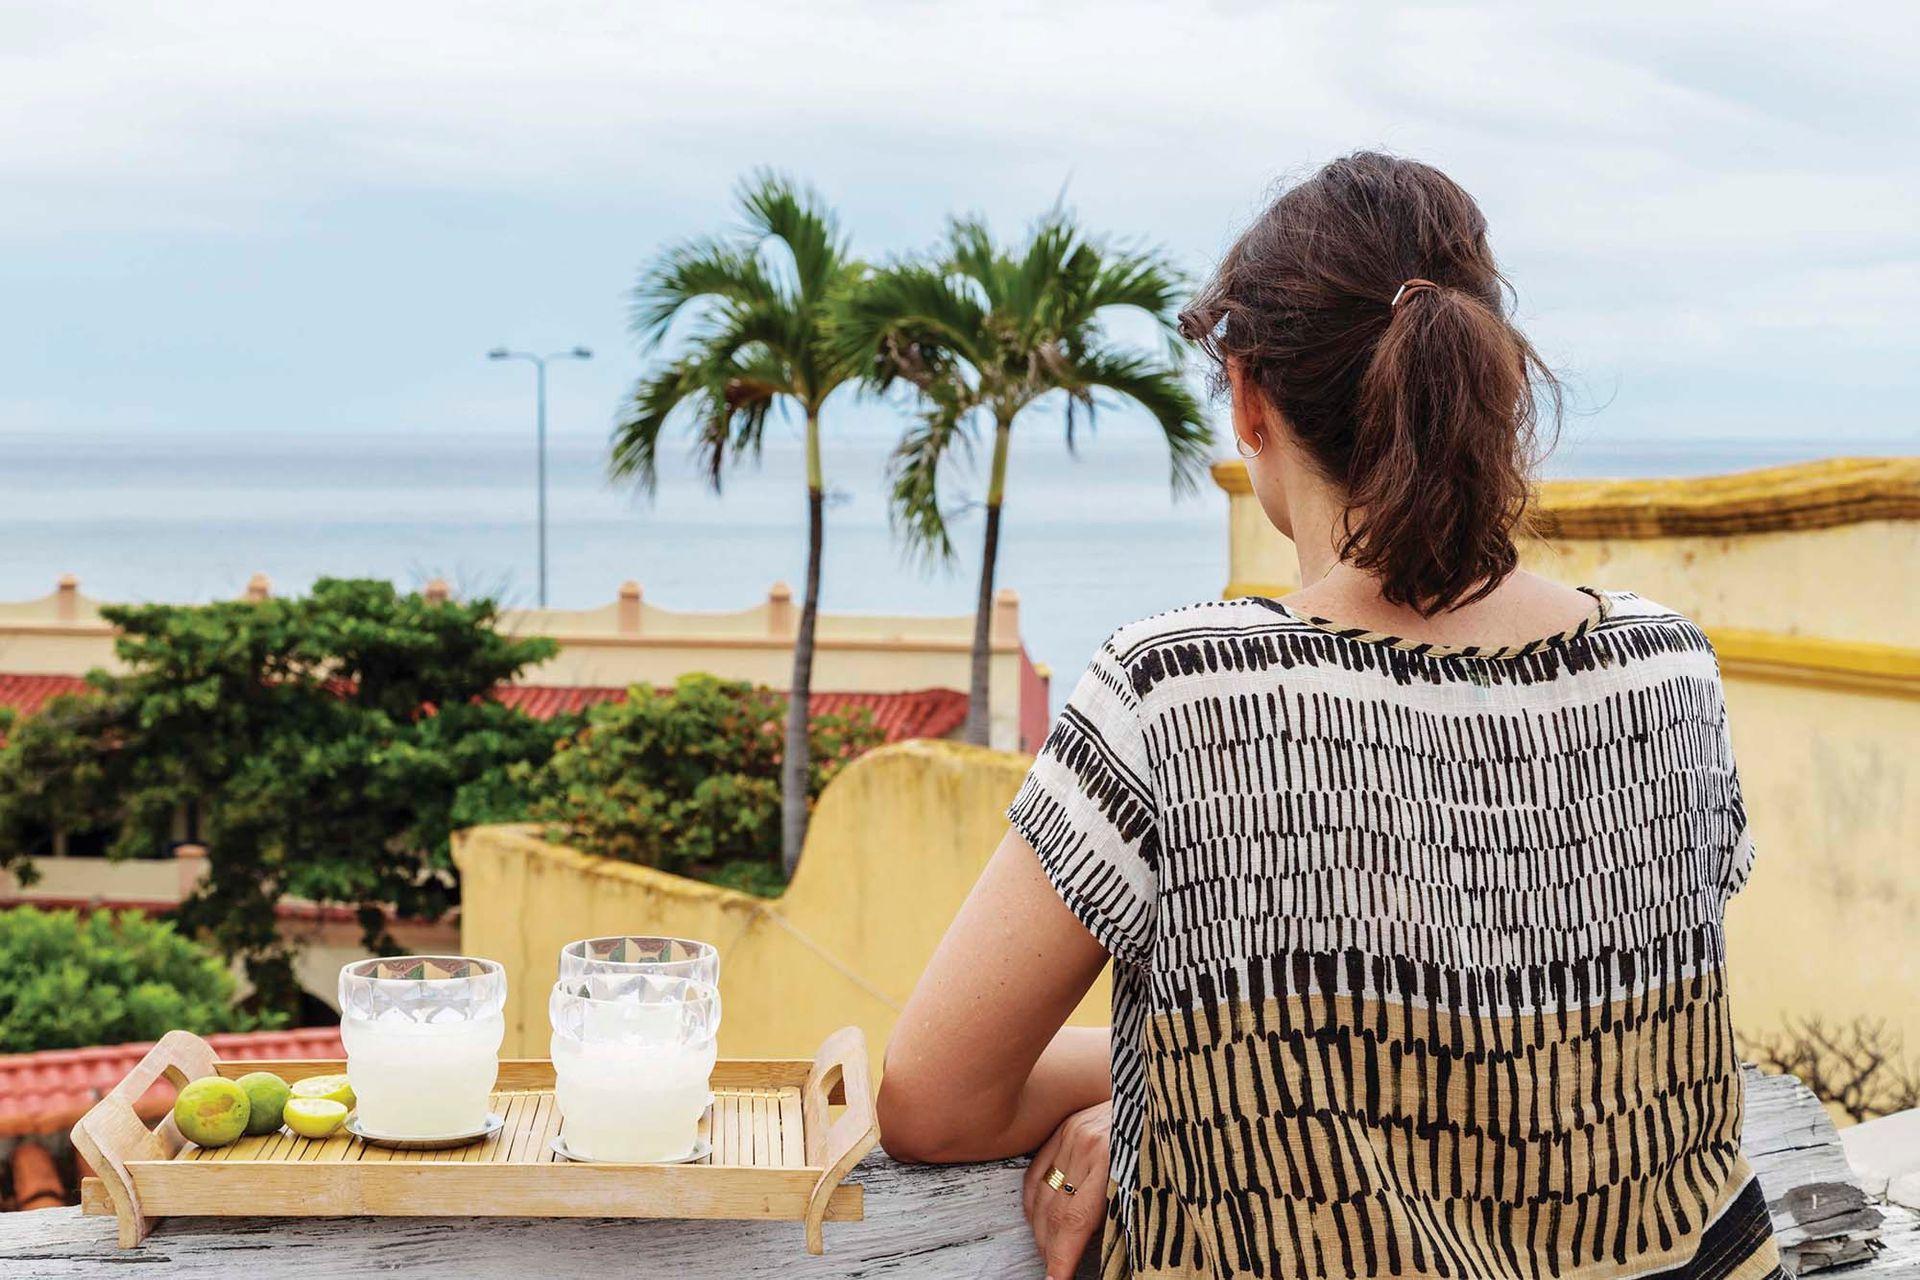 Después de la terraza con reposeras se accede al mirador: el lugar ideal para disfrutar del amanecer y el atardecer en esta ciudad torrida, en la que el sol empieza a picar a las 7 de la mañana.